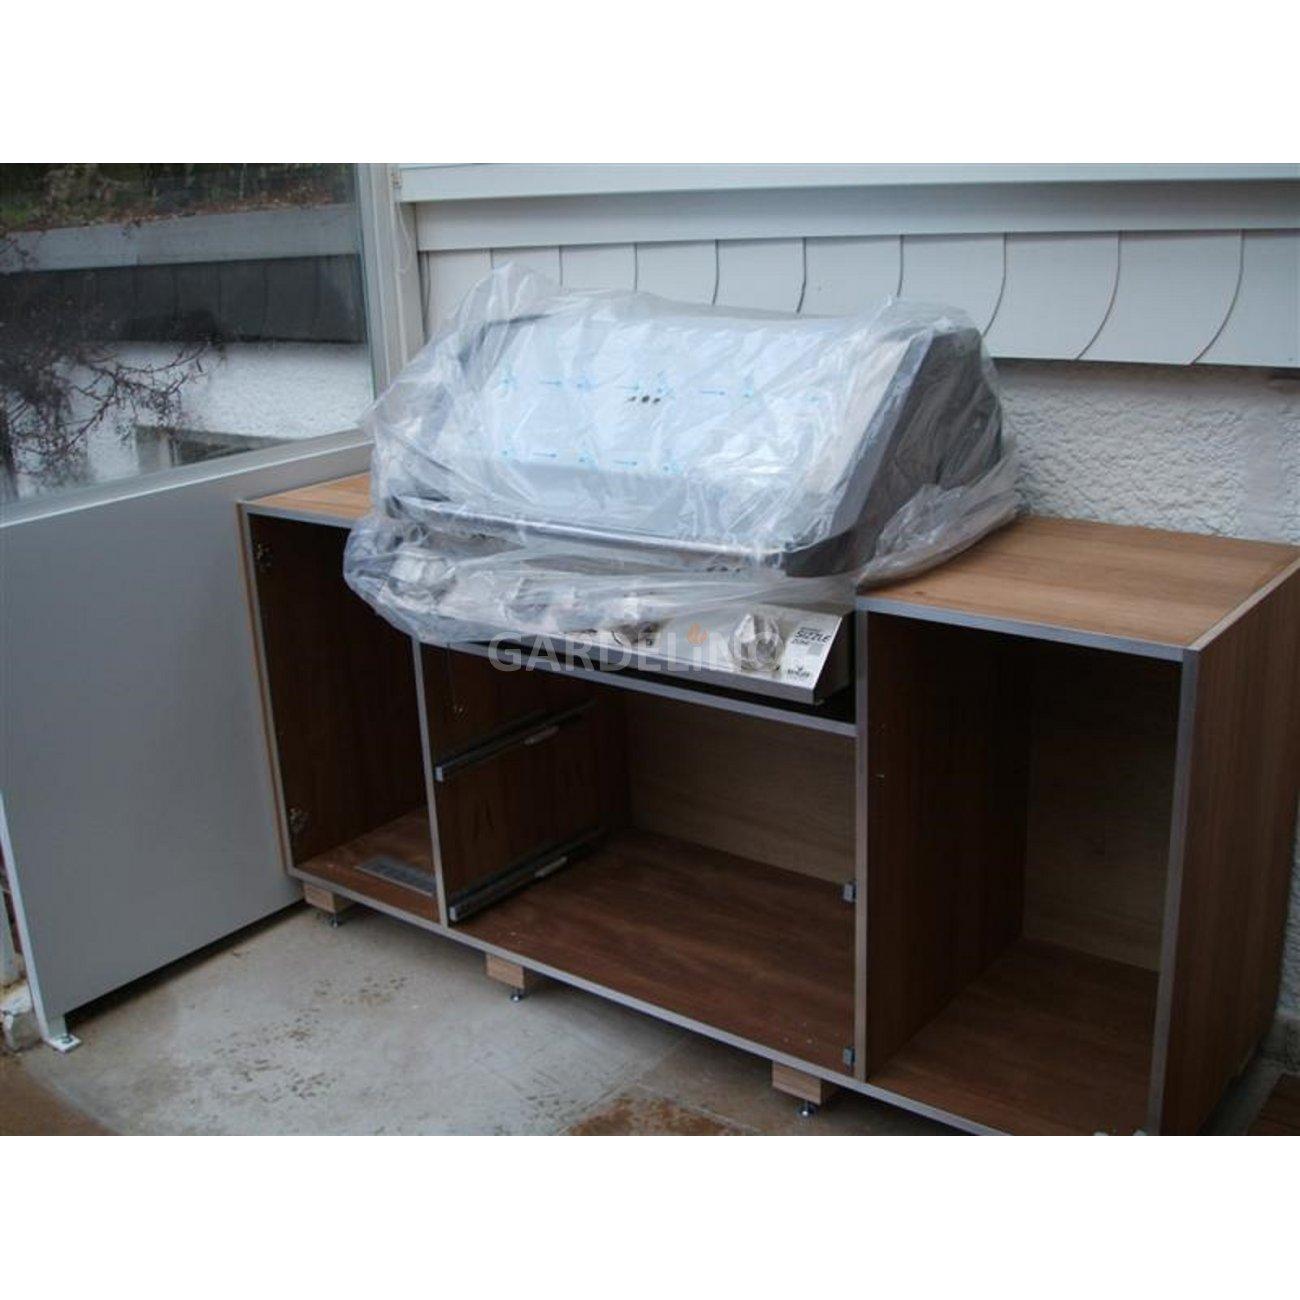 grillk che mit einbaugrill im garten selbst gebaut. Black Bedroom Furniture Sets. Home Design Ideas